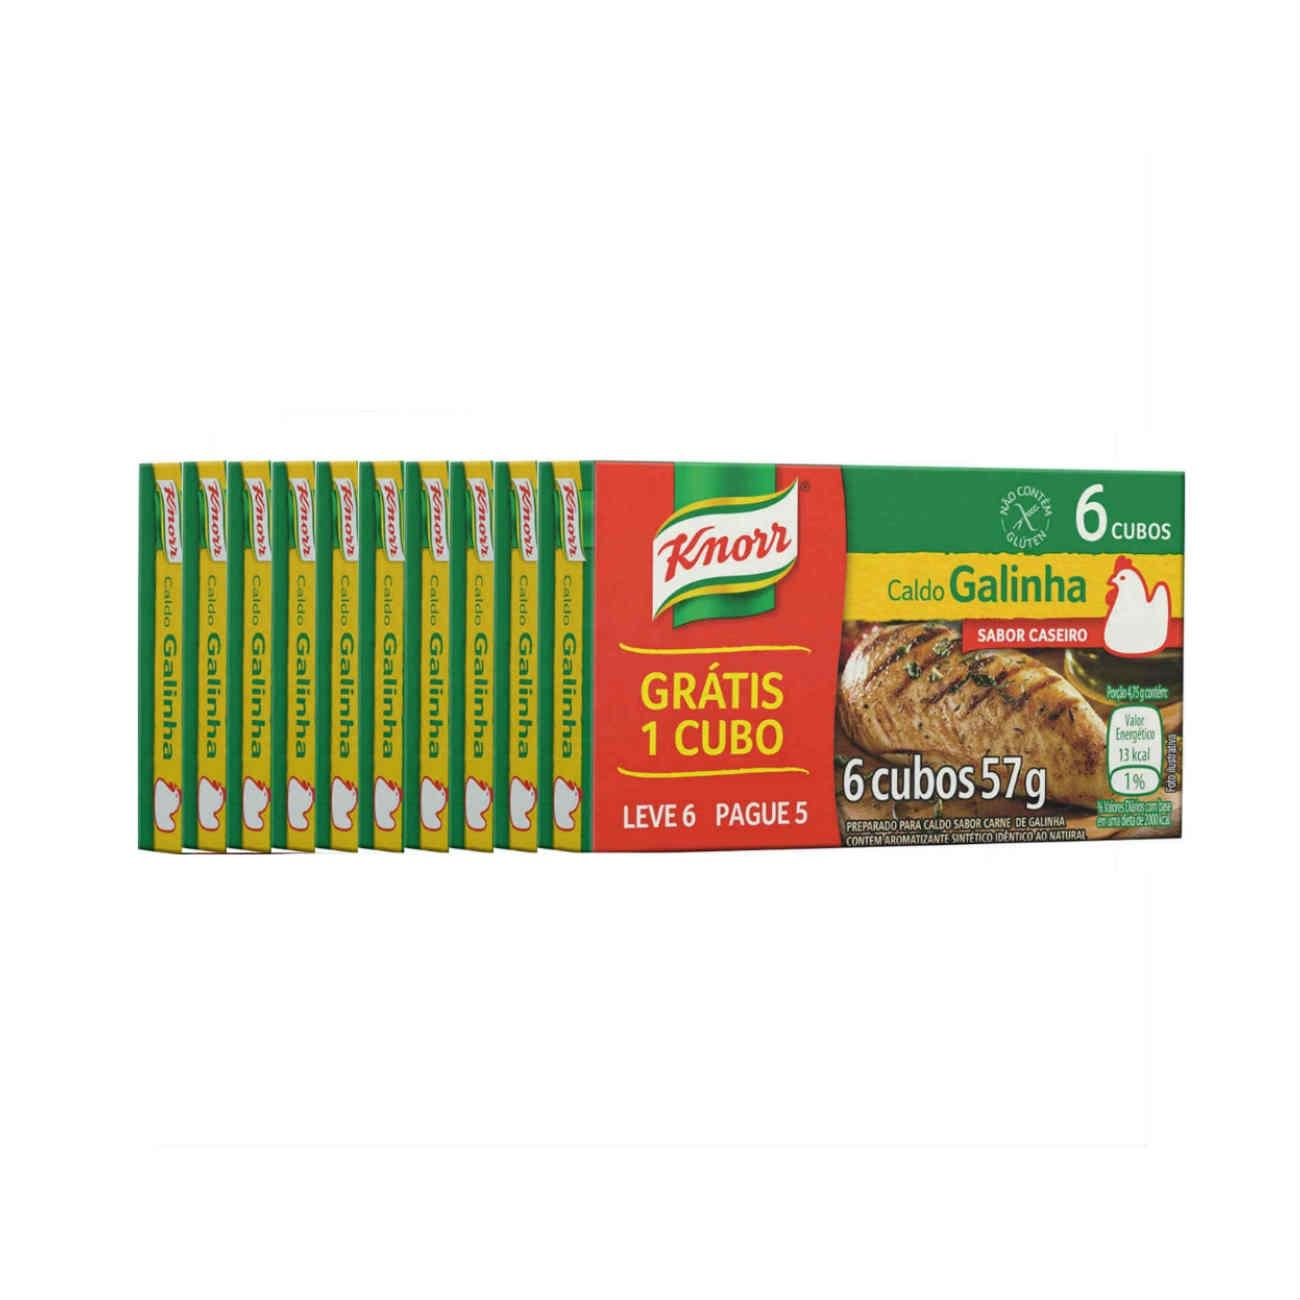 Display com 10 Ofertas Caldo Knorr Galinha Pague 5 Leve 6 Cubos 57g